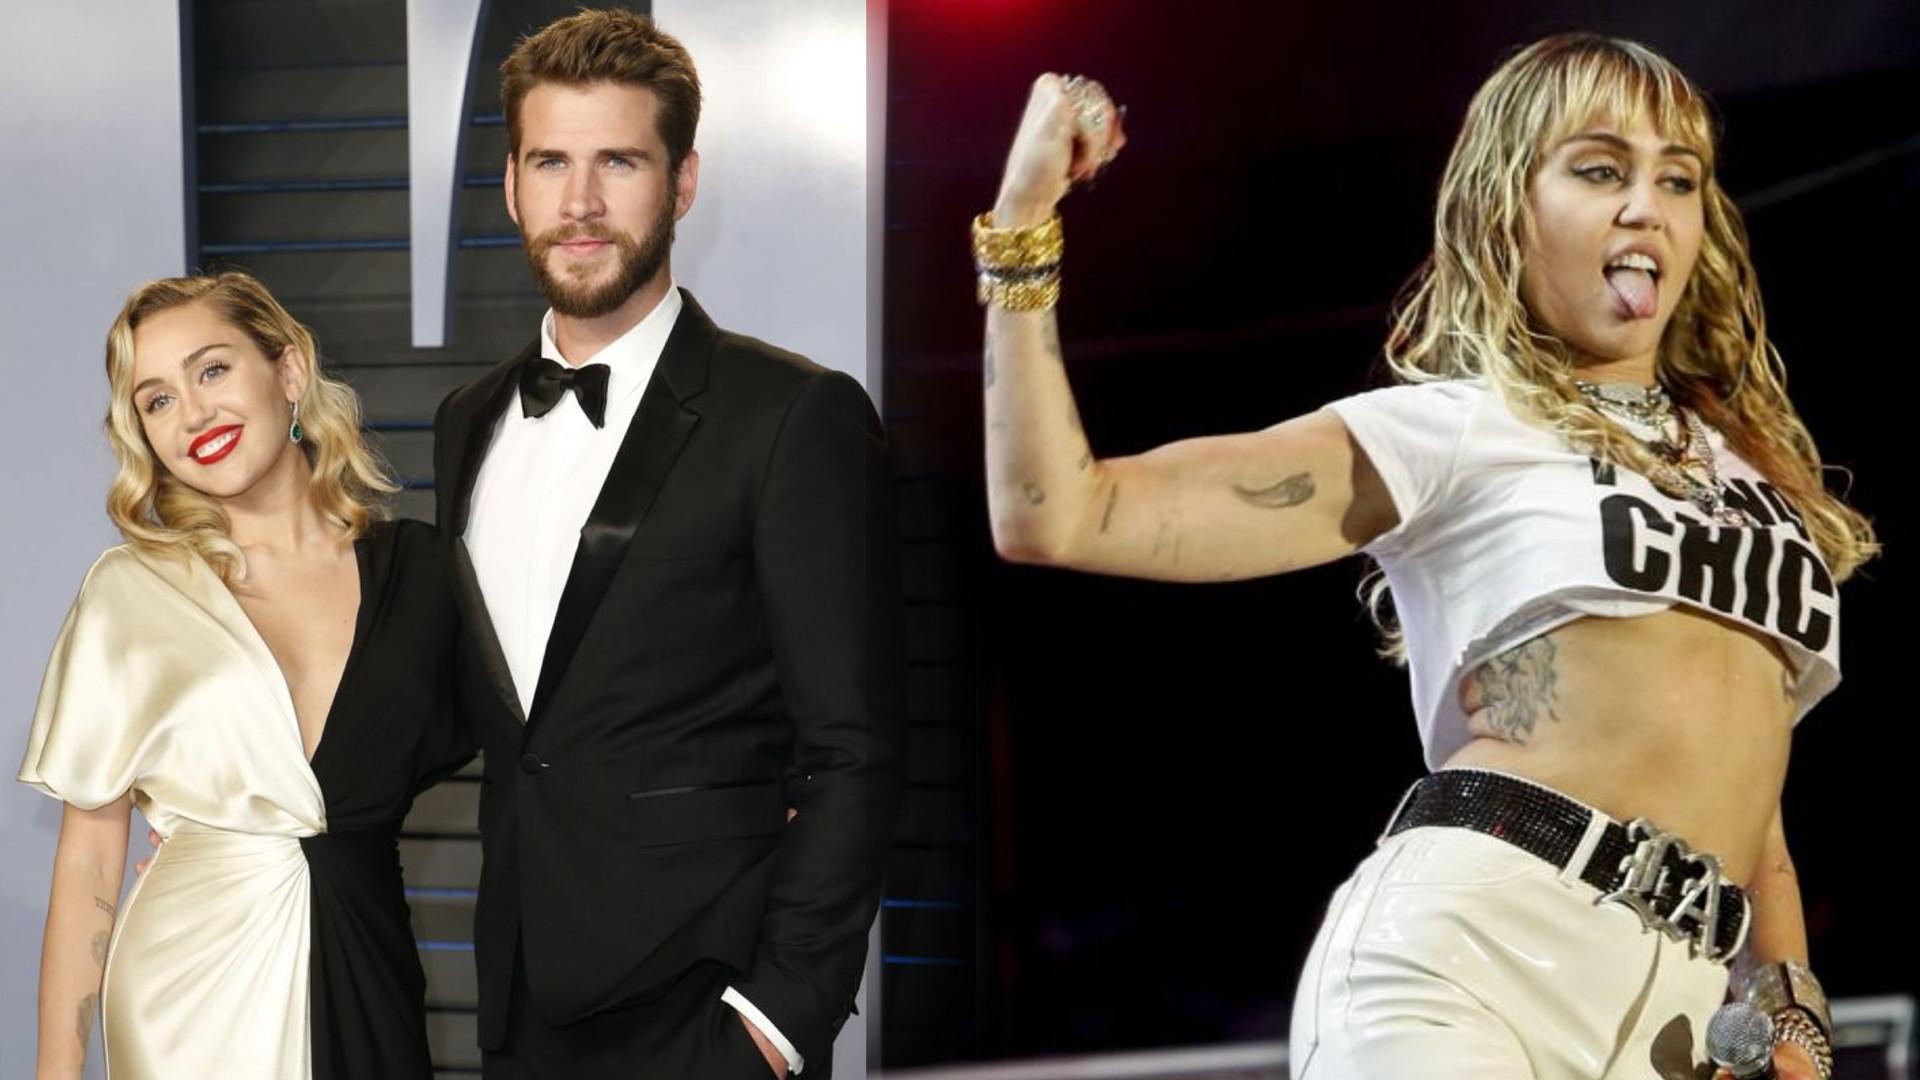 Liam Hemsworth zamieszkał z nową dziewczyną! Miley poczuła ukłucie zazdrości?